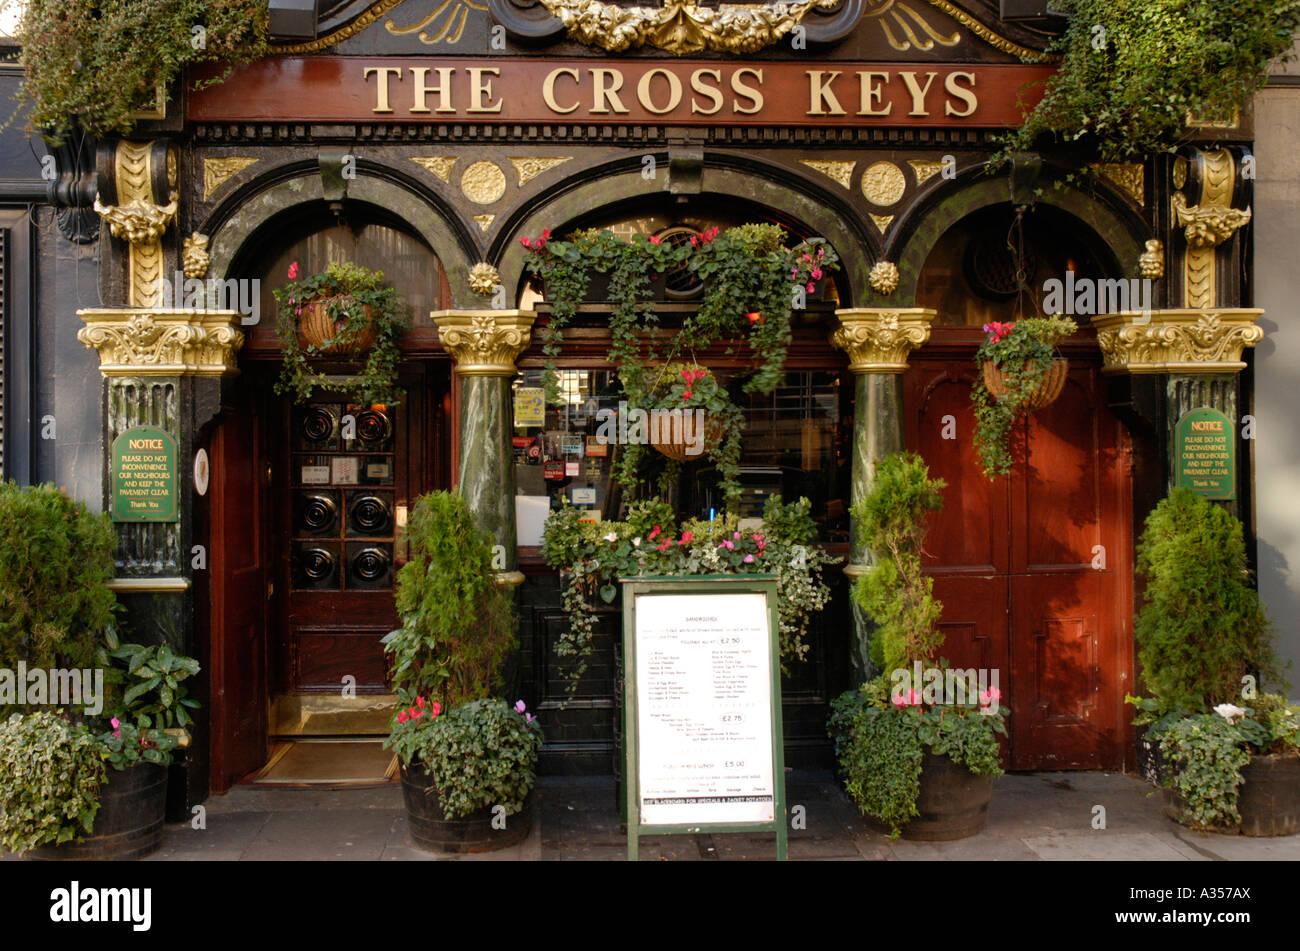 The Cross Keys pub in Endell Street Covent Garden London - Stock Image